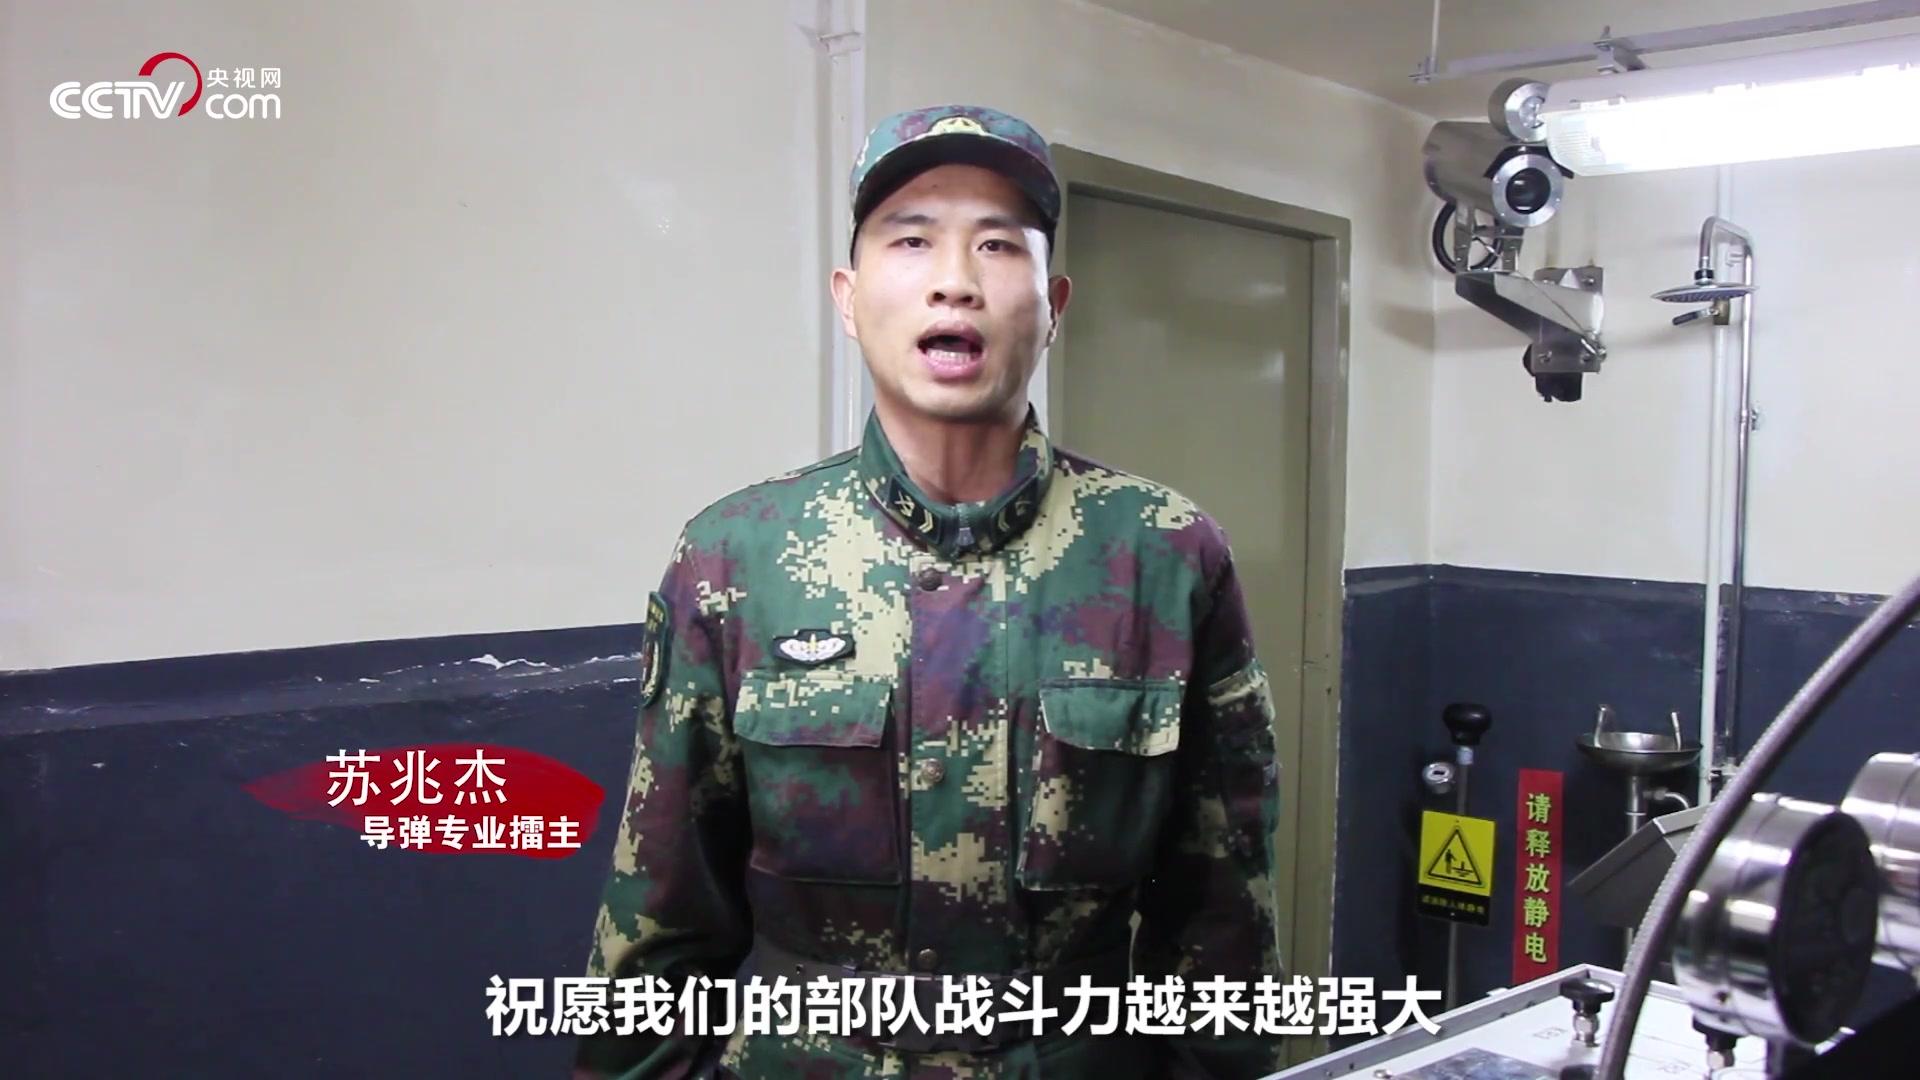 我们在战位上:有人民子弟兵在,春节放心嗨!